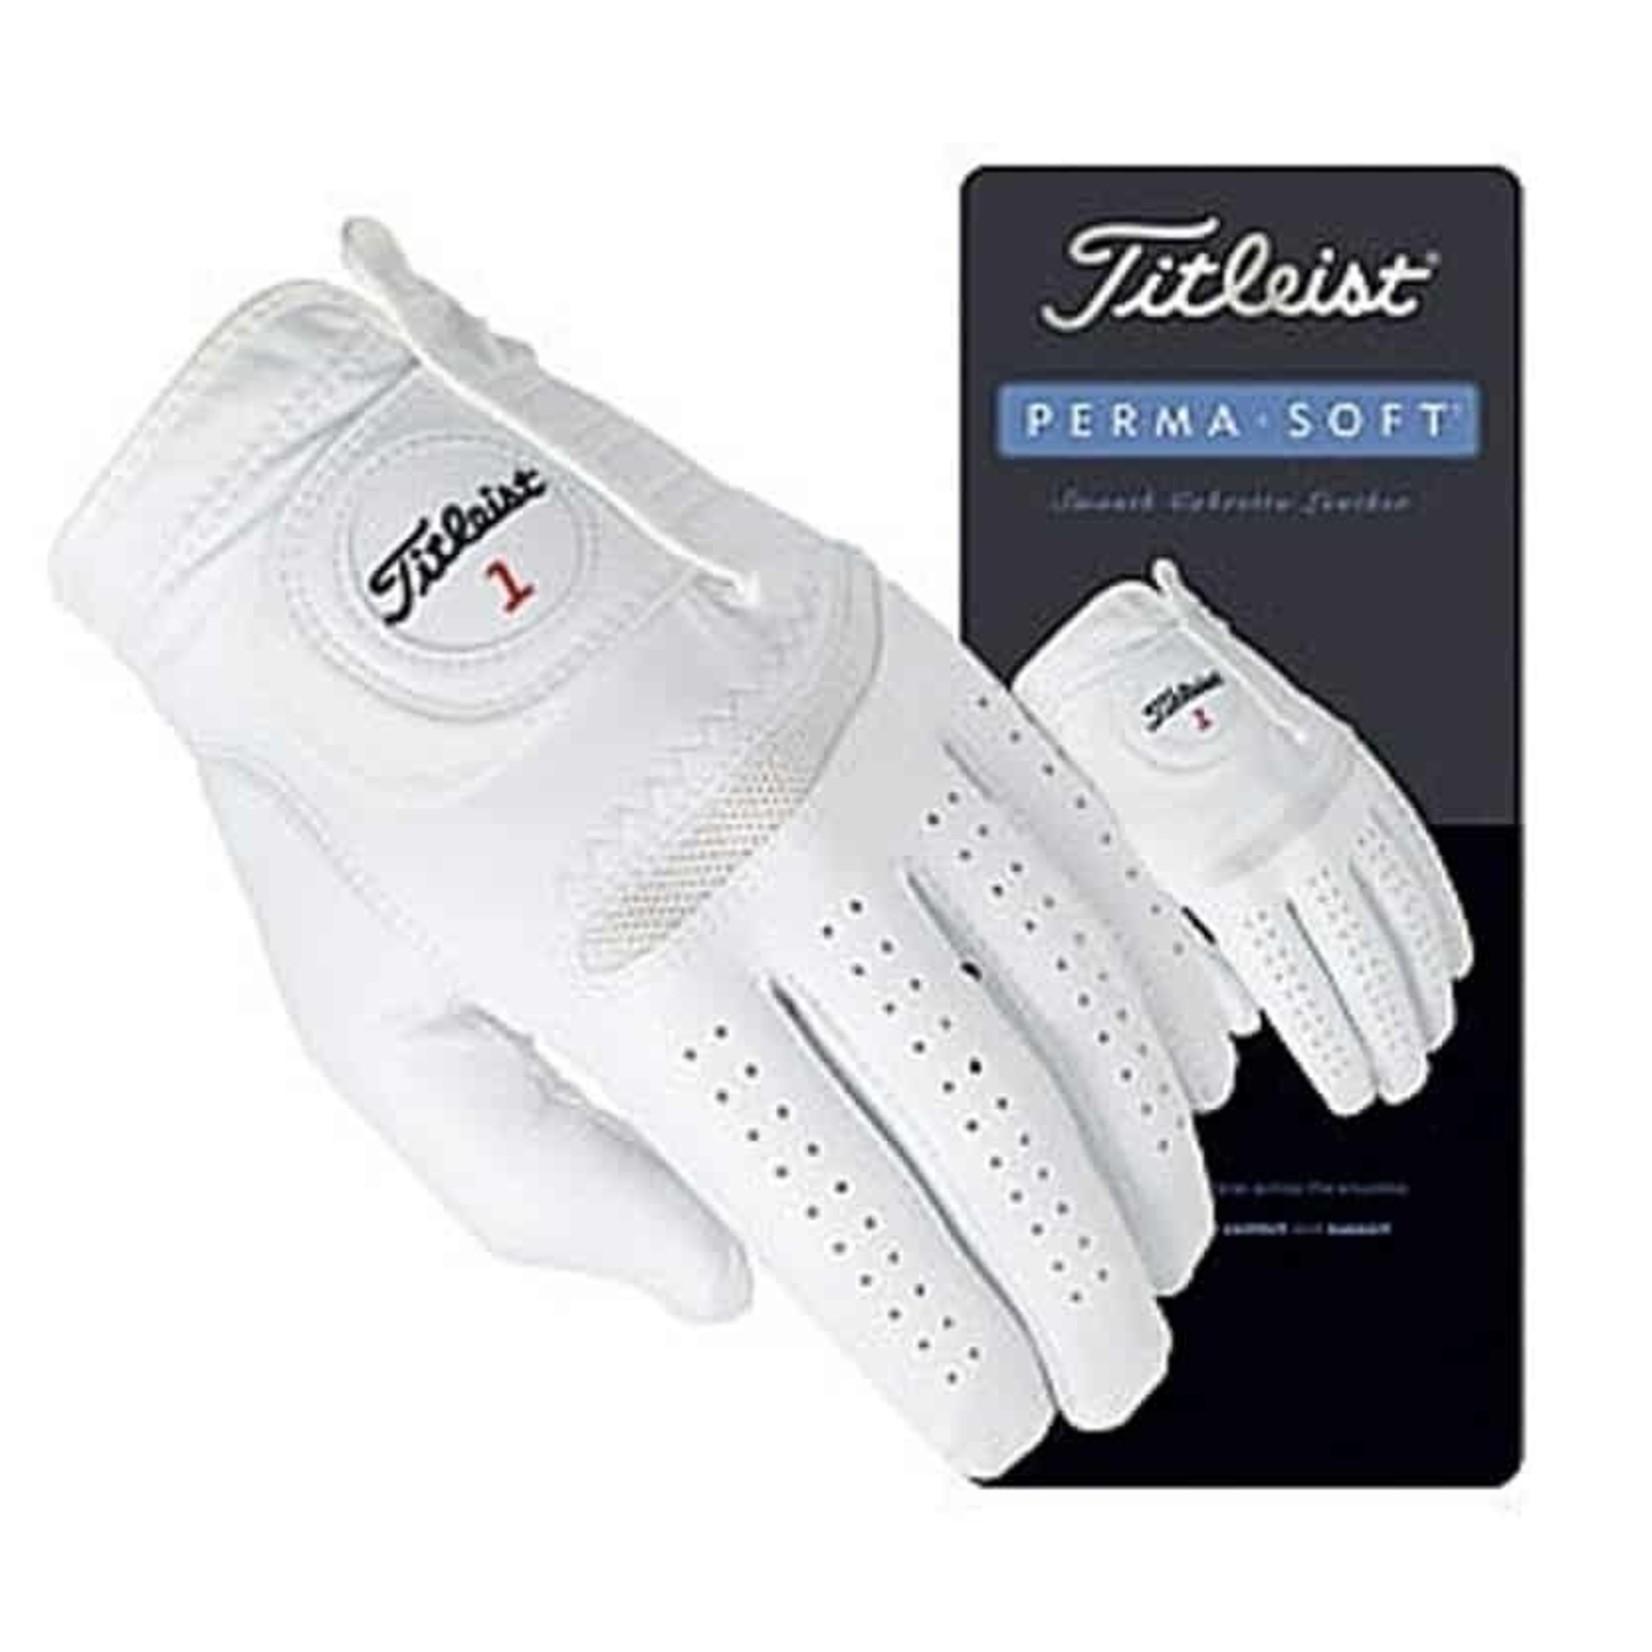 Titleist Titleist Perma-Soft Glove LH